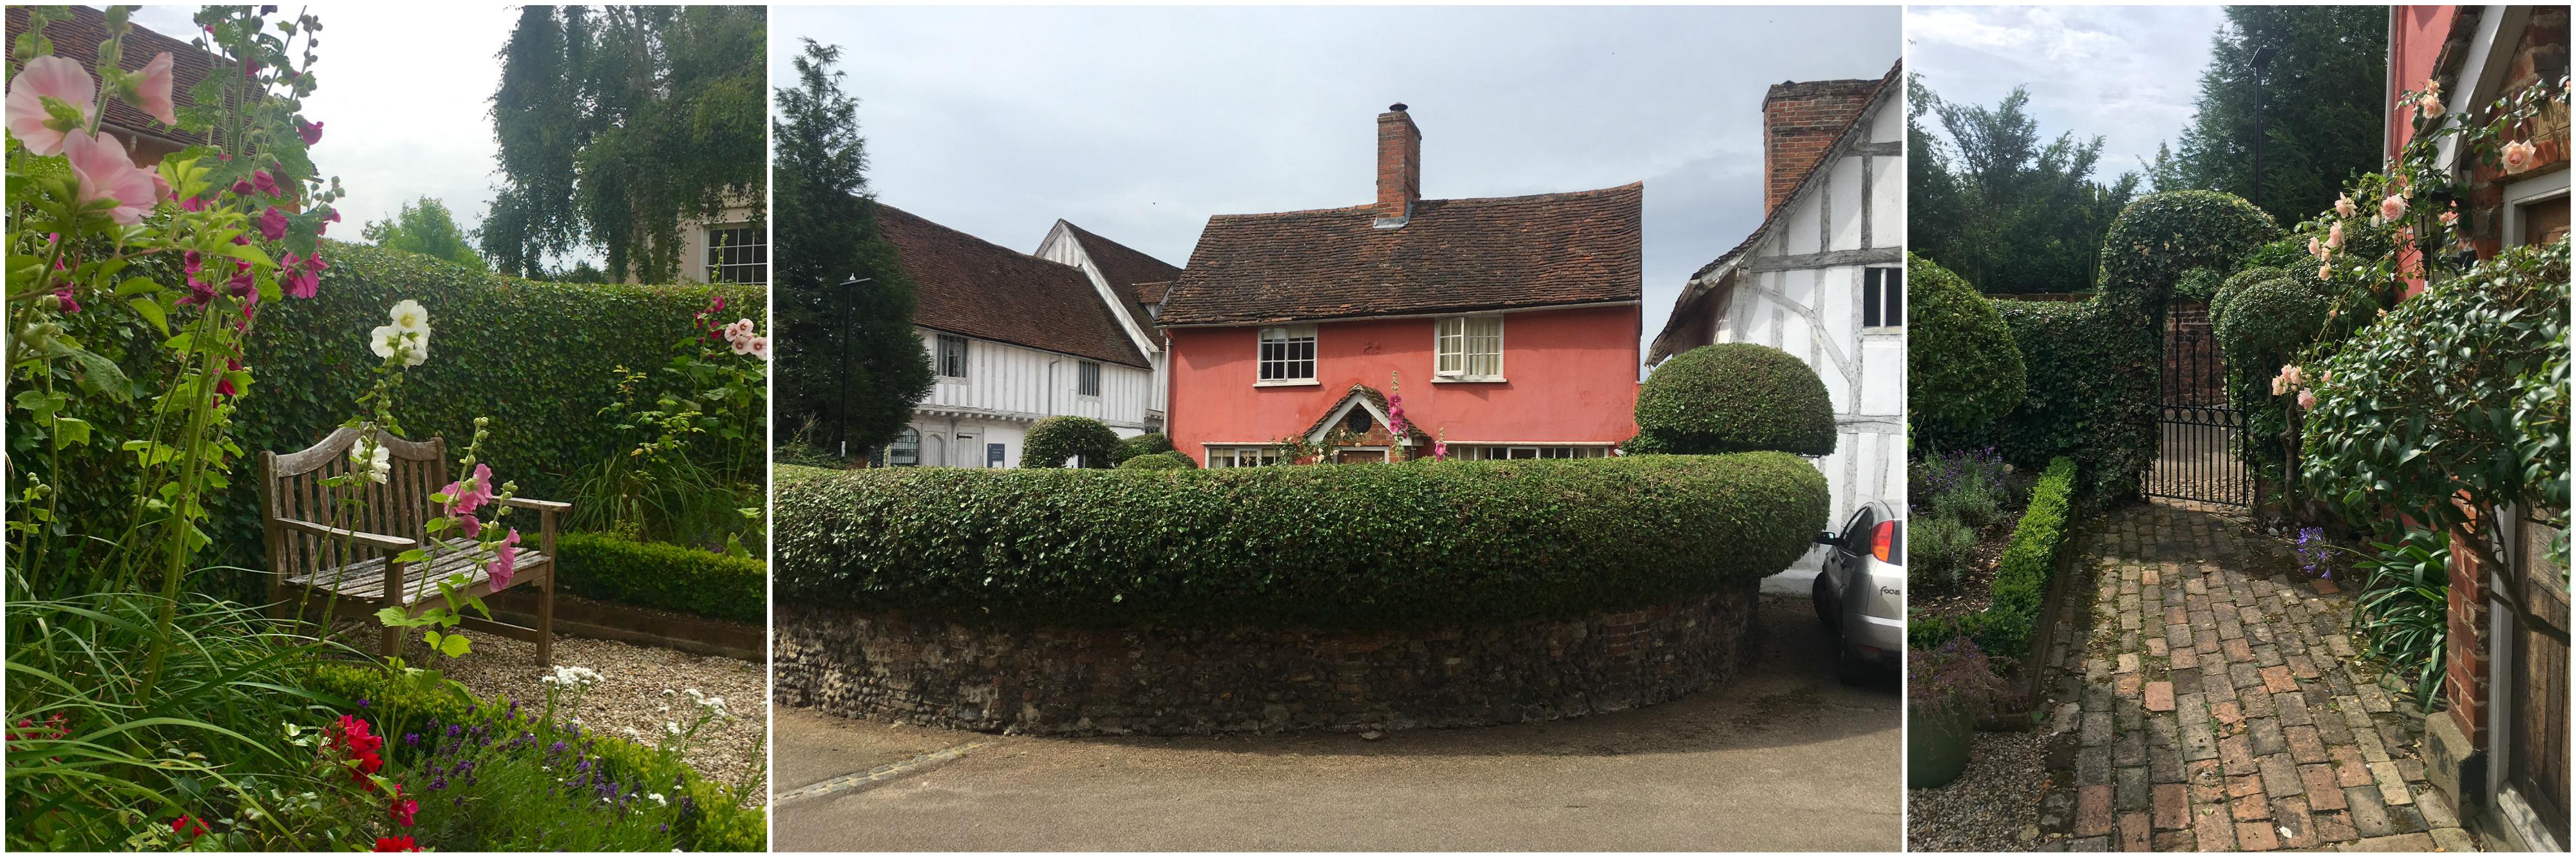 Walled Cottage Garden Lavenham